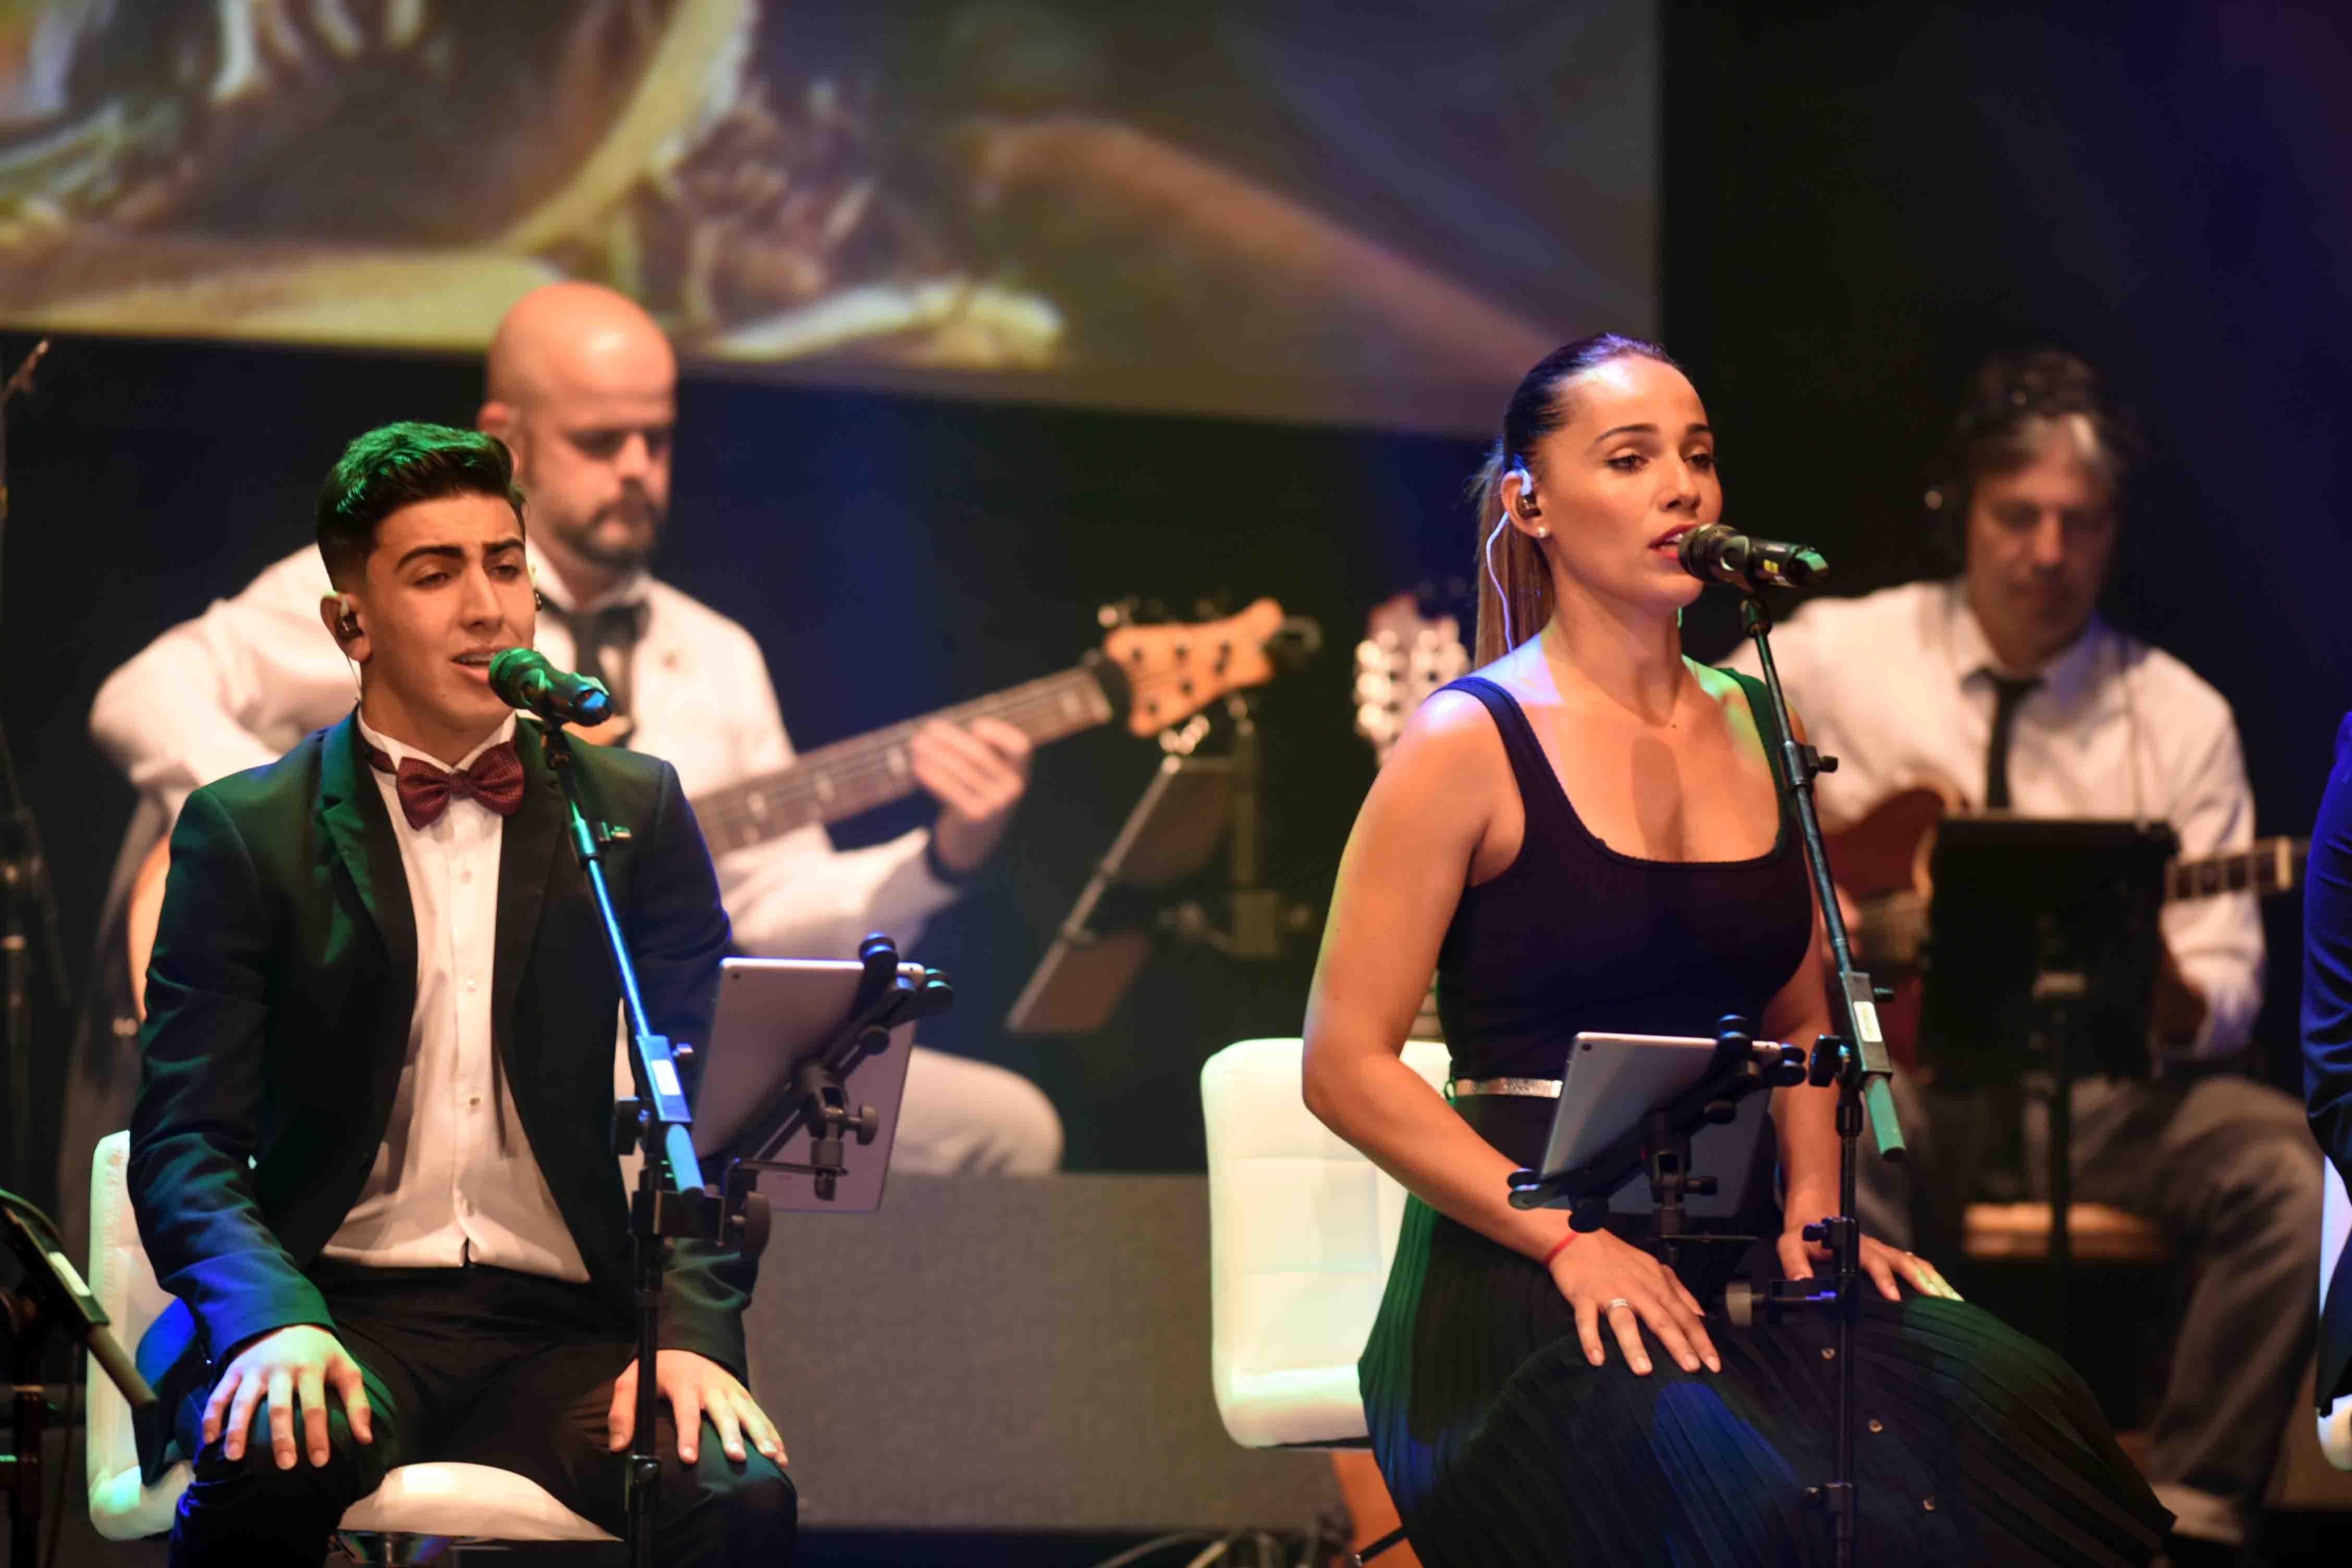 Bohemia Lanzarote ofreció un gran concierto por el Día de Canarias colgando el cartel de entradas agotadas